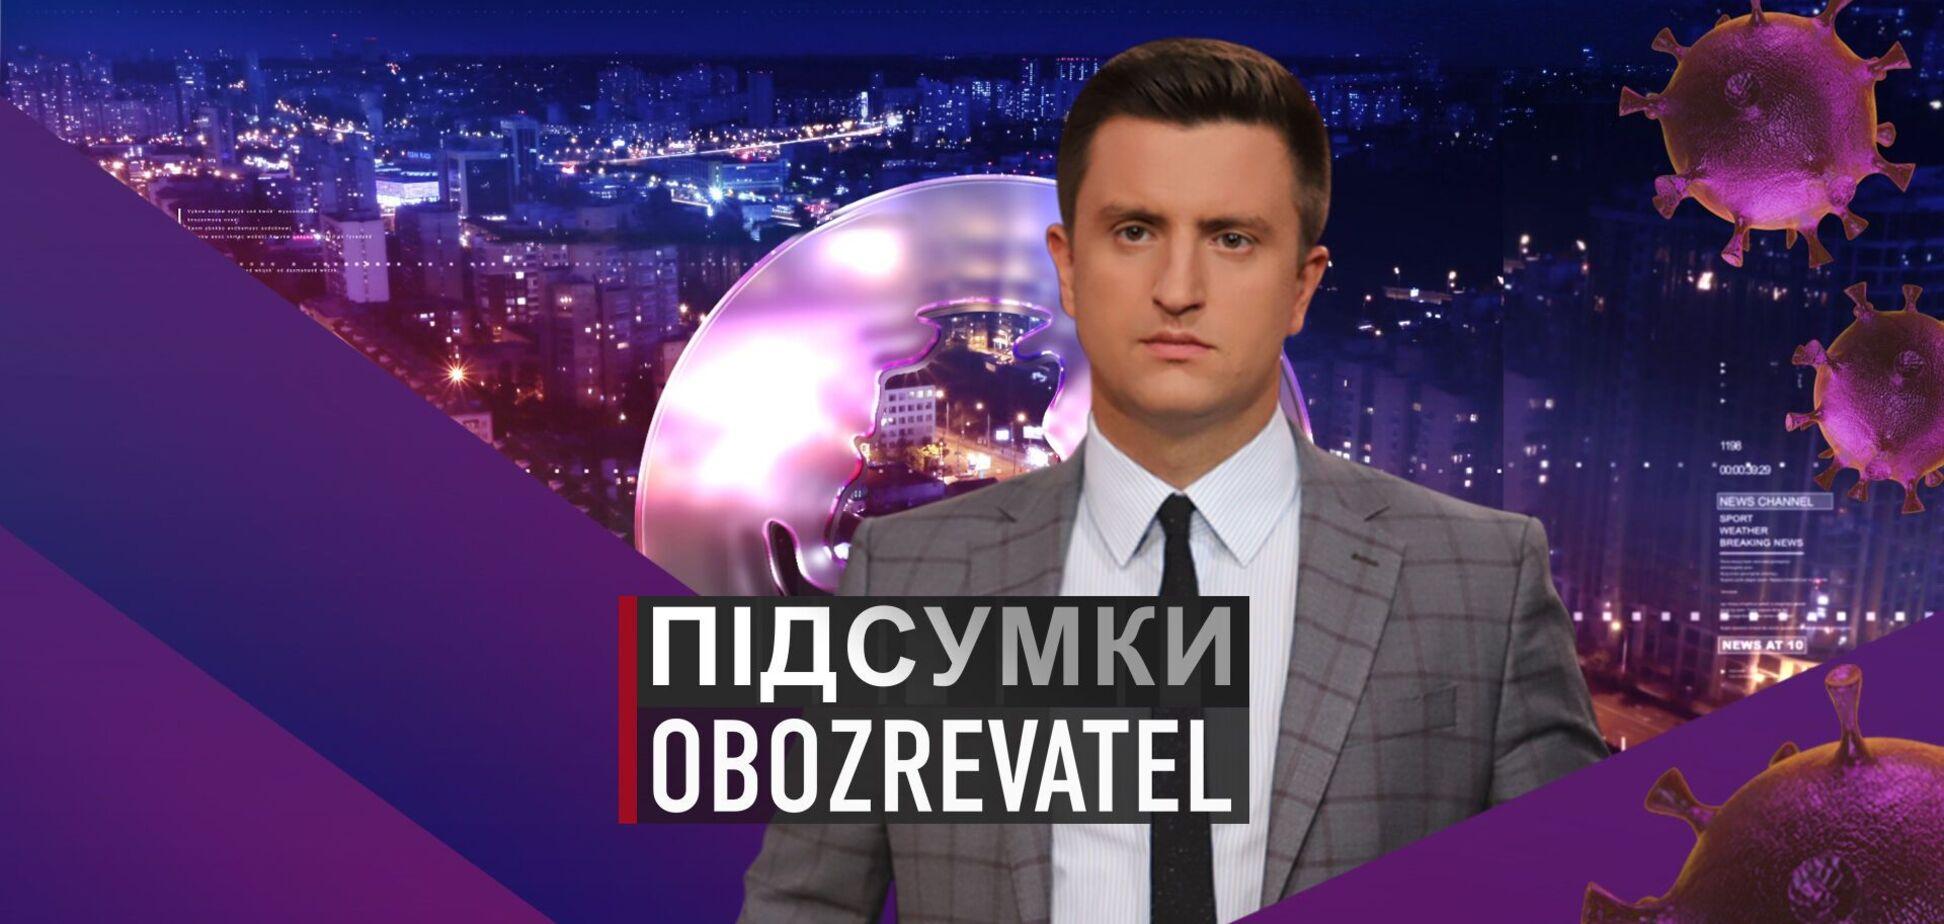 Підсумки с Вадимом Колодийчуком. Четверг, 22 апреля